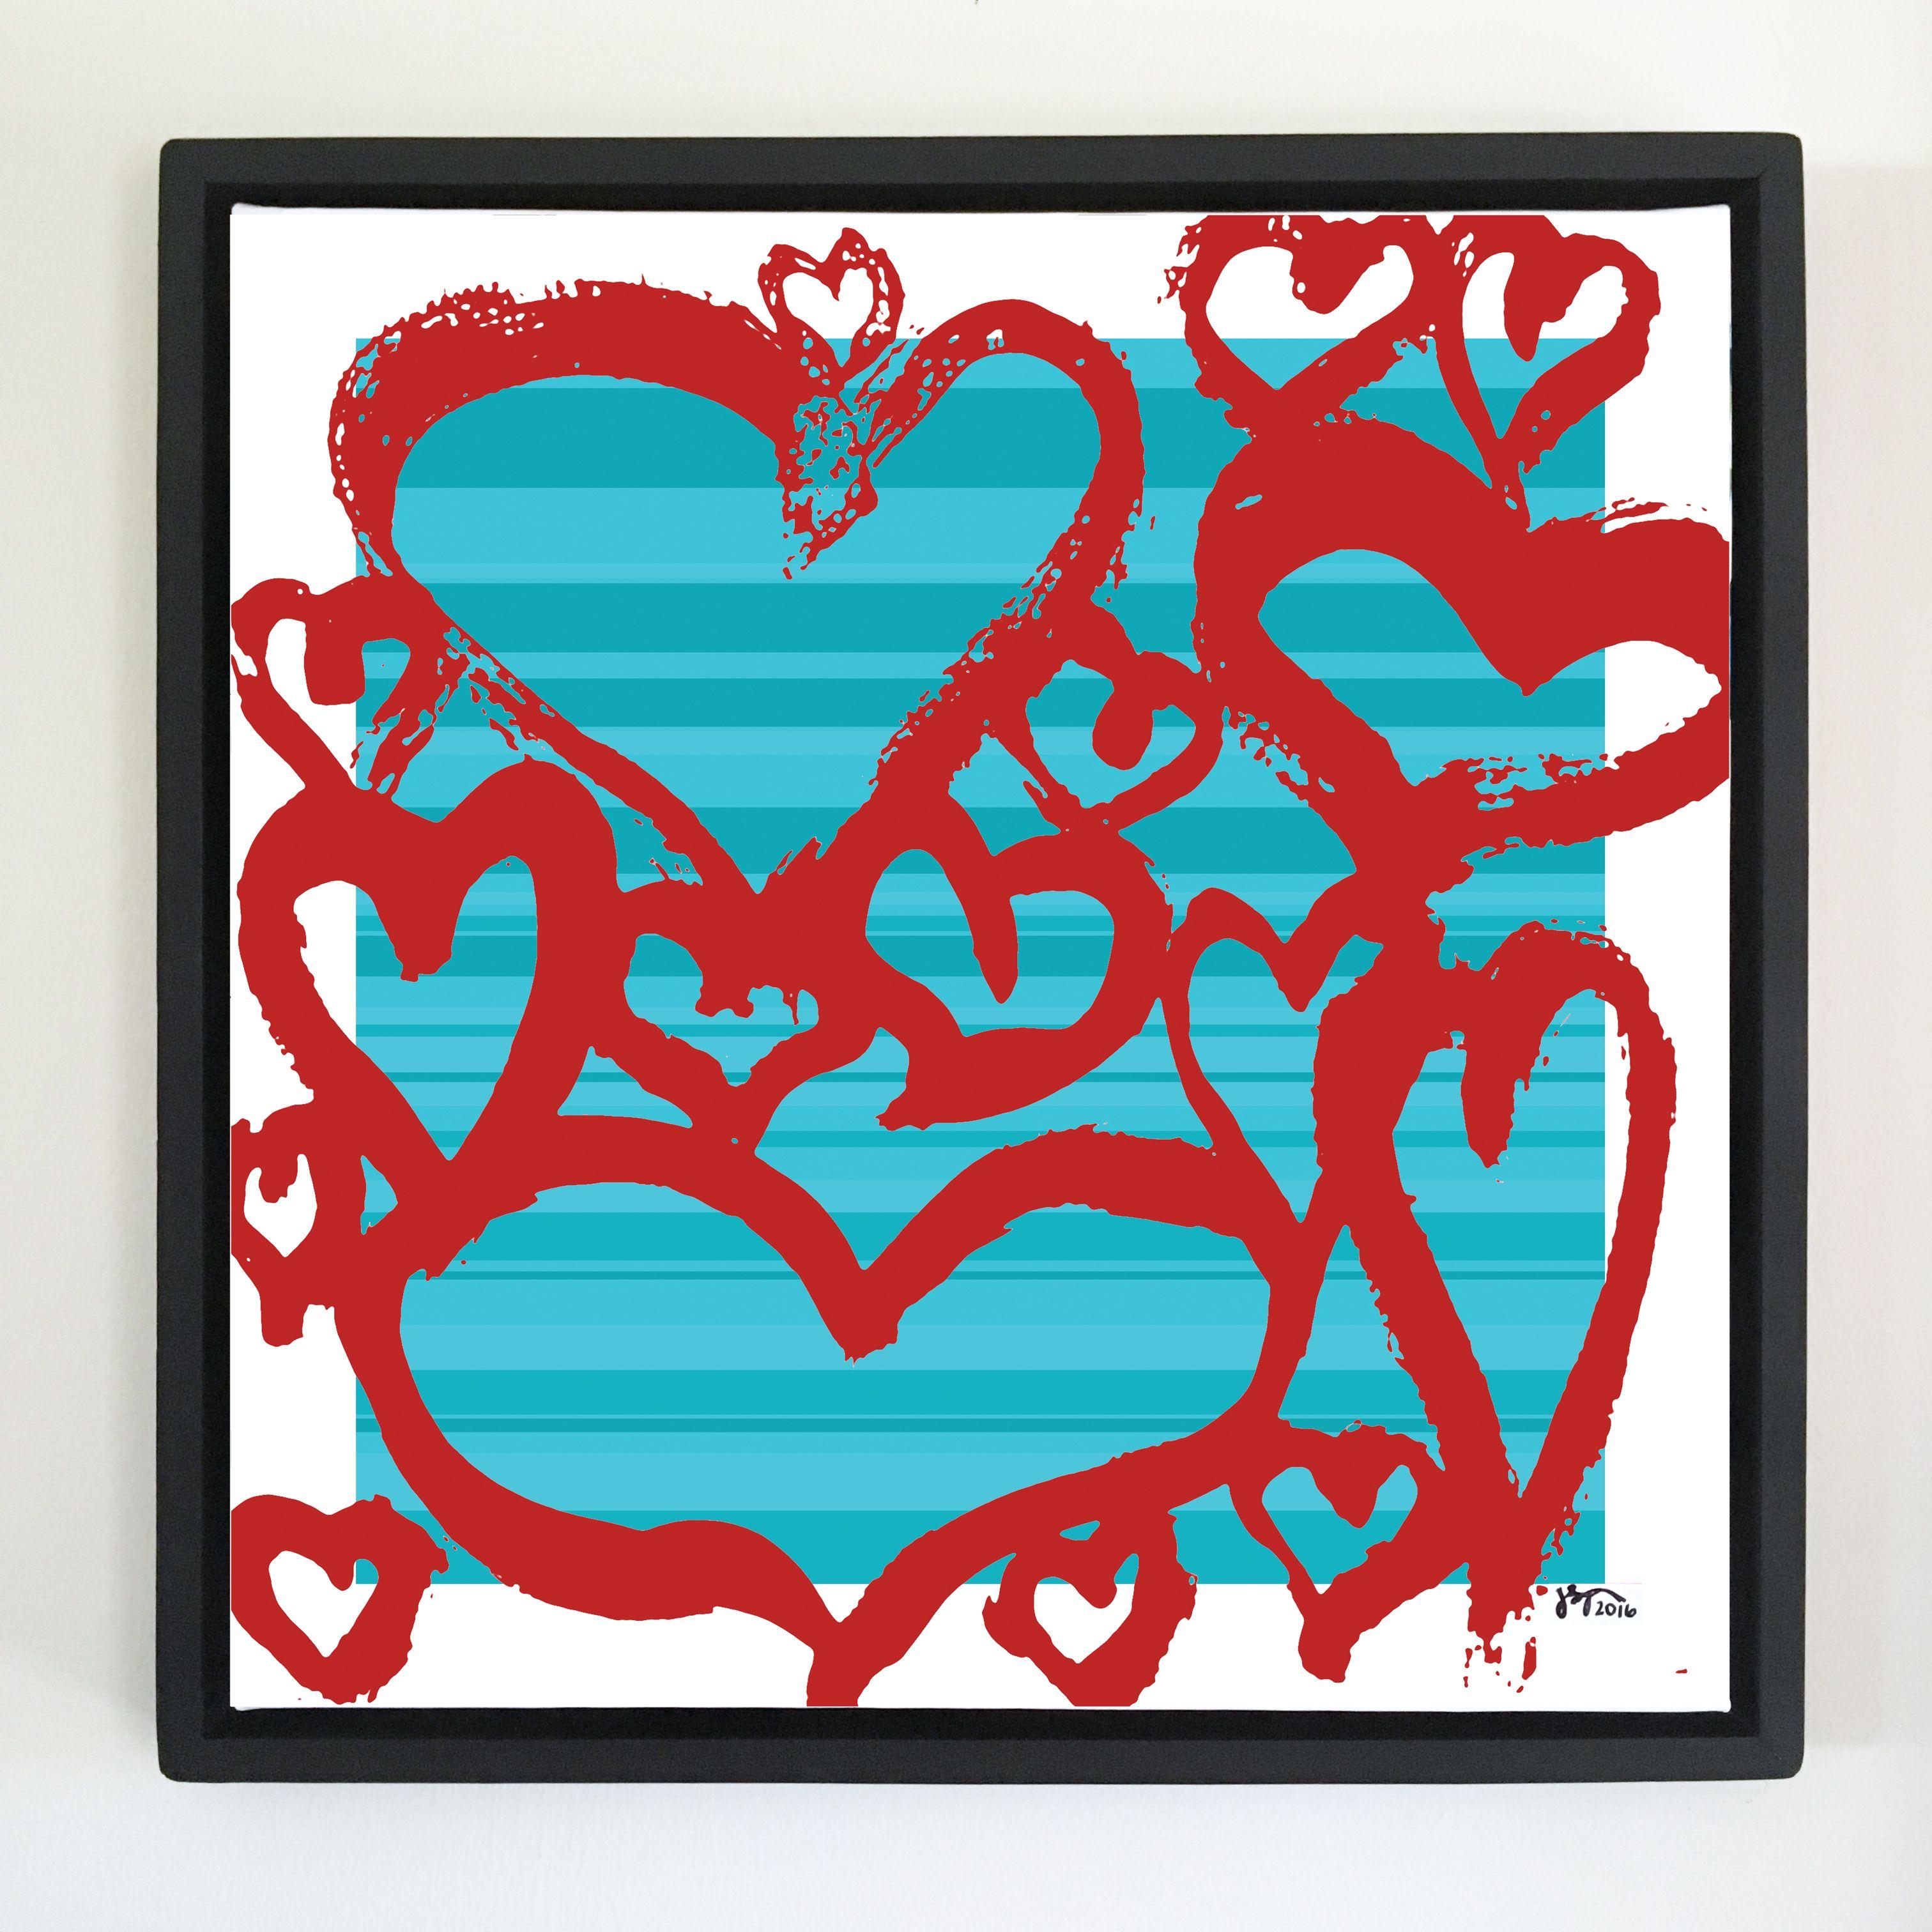 """Overflow series: """"Love All"""" art. 24 x 24 inch, digital art & gloss and matte gel on stretched canvas. 26.5 x 26.5 inch, float frame - black flat. ---------------------------------------- #popart #popartist #digitalart #art #artist #contemporaryart #colorfield #abstractart #gloss #matte #art #canvas #jonsavagegallery"""